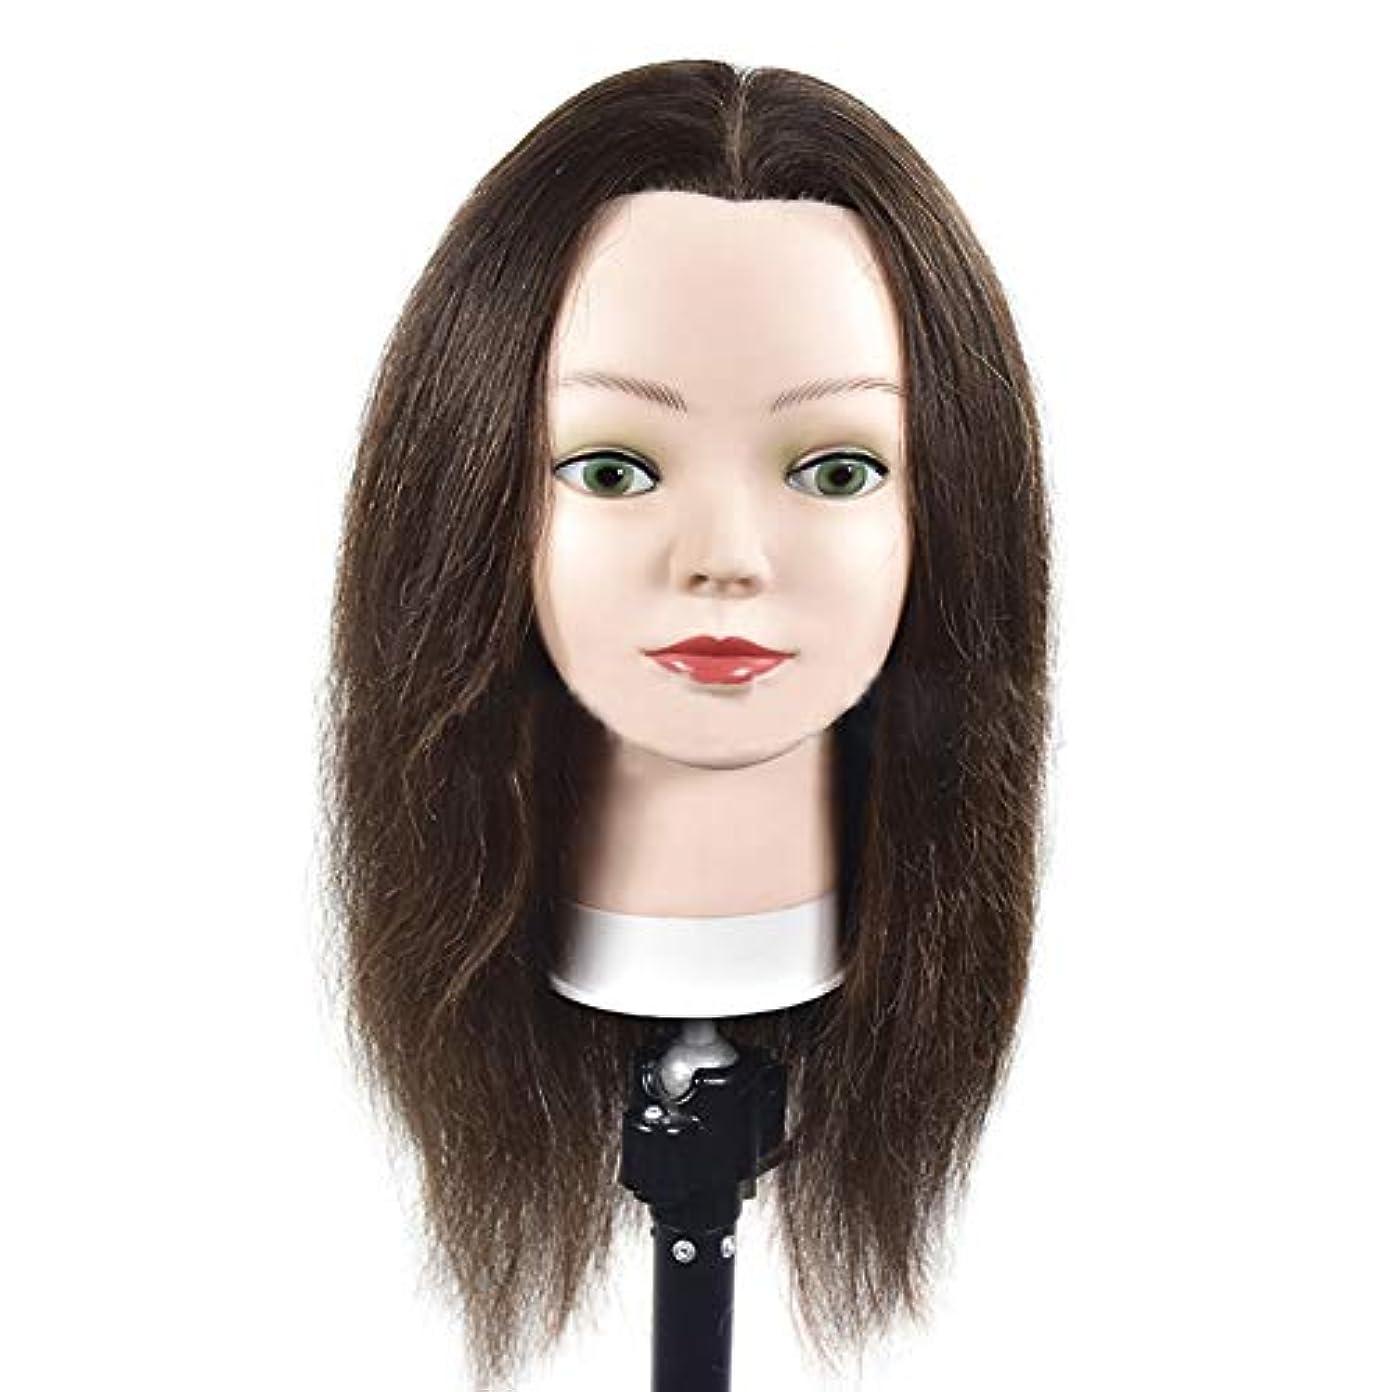 リンケージ何もないブーストサロン髪編組理髪指導ヘッドスタイリング散髪ダミーヘッド化粧学習マネキンヘッド